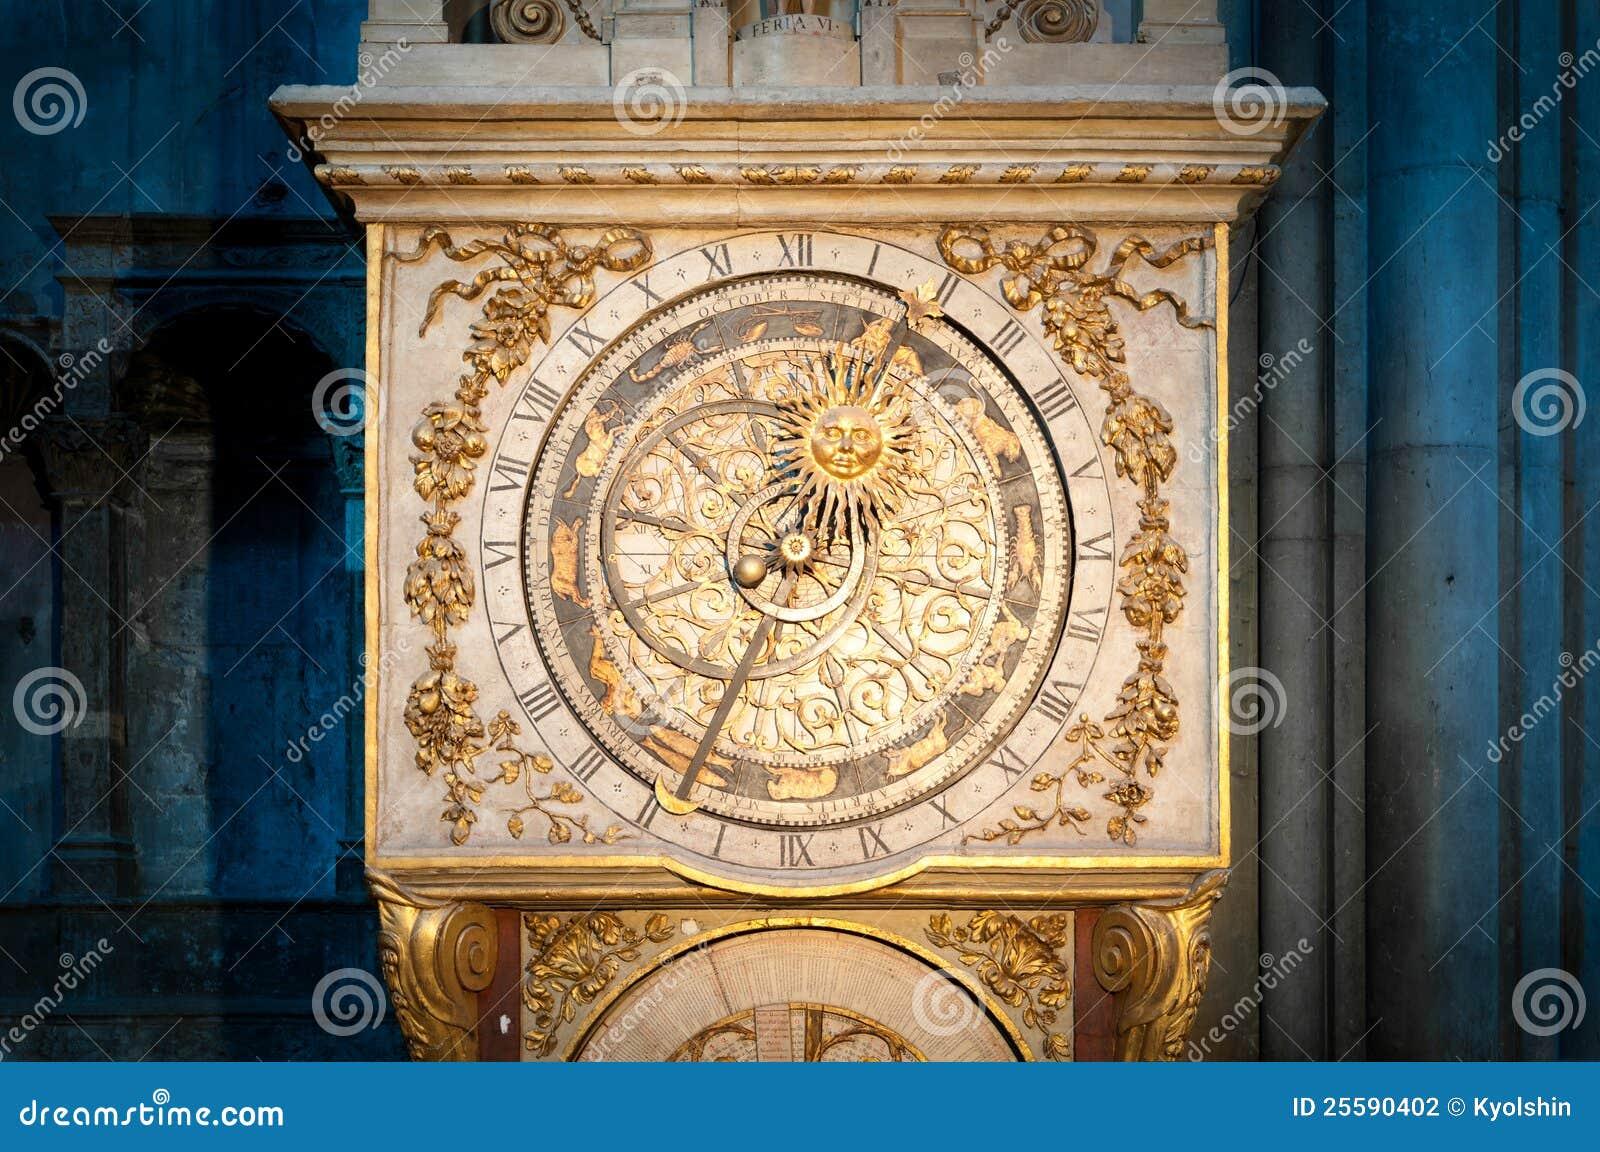 Vecchio orologio dorato a Lione, Francia.